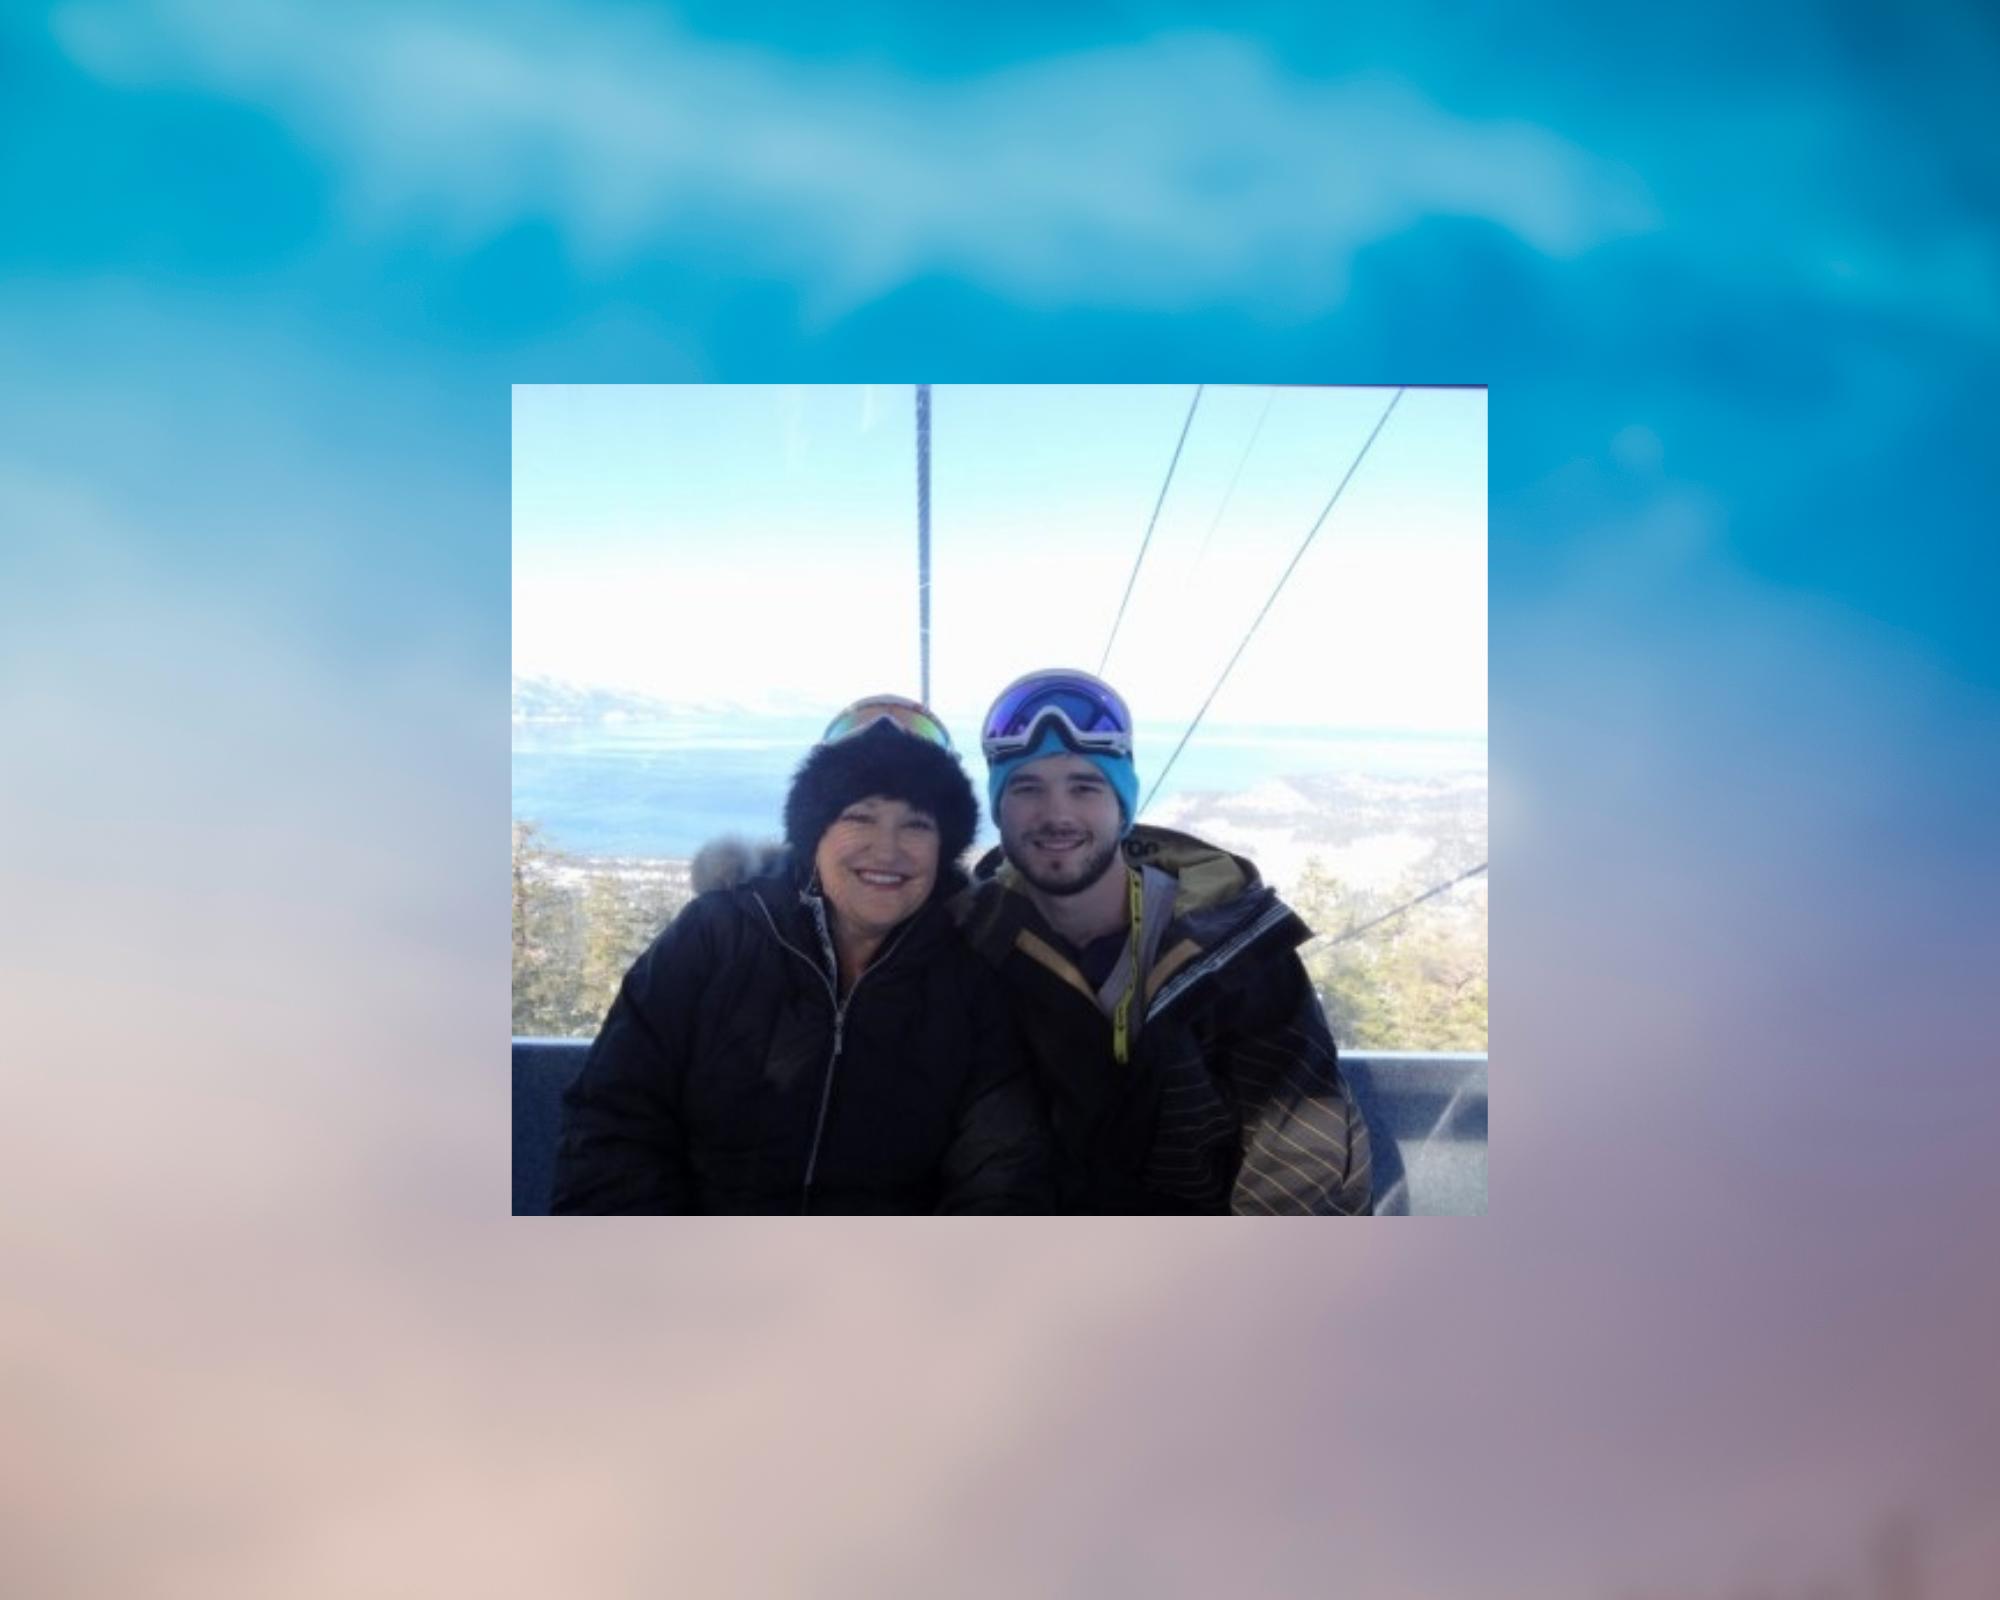 Skiing in Tahoe!